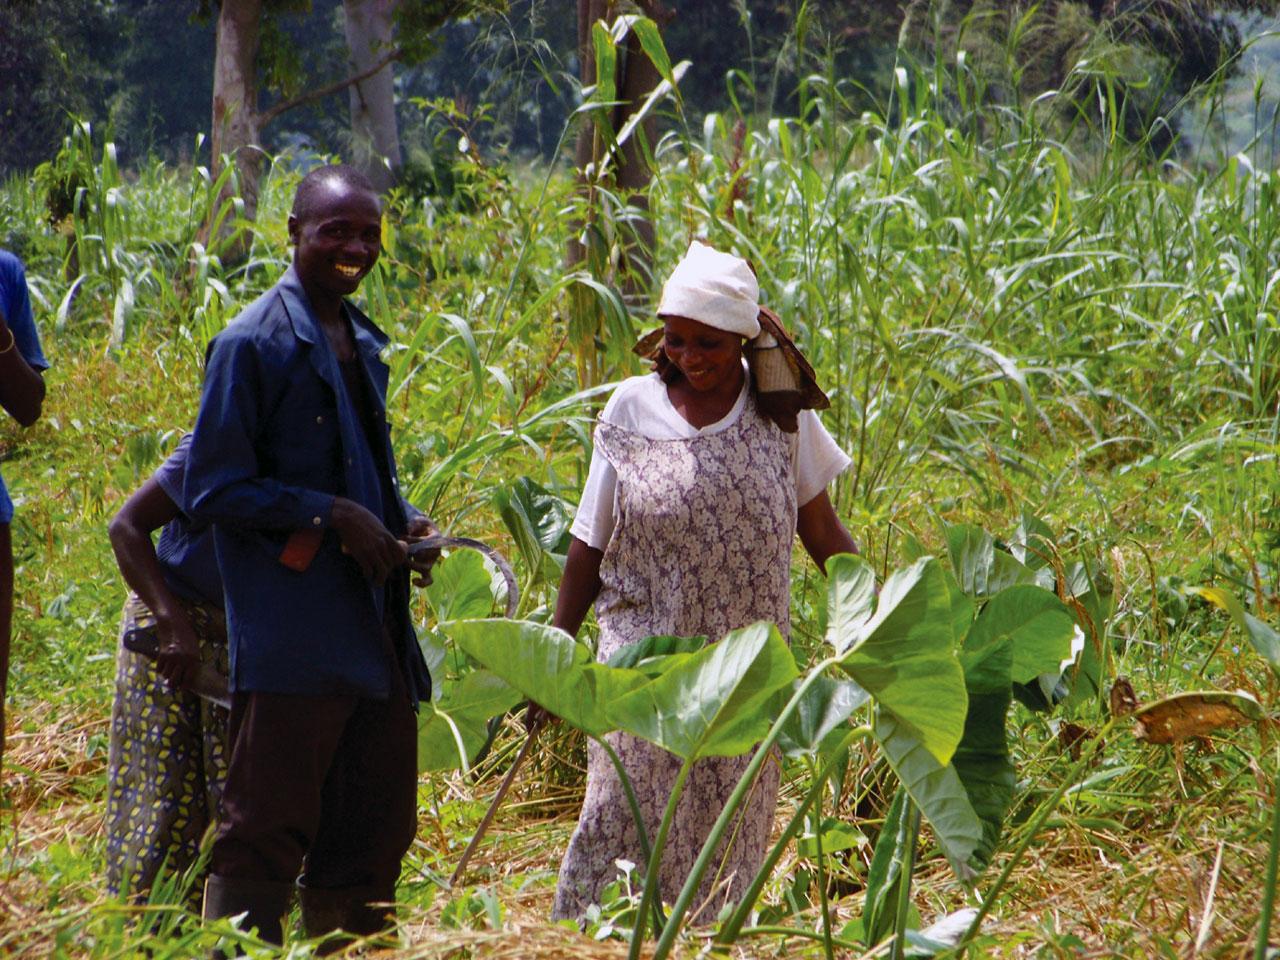 Congo Farm Project